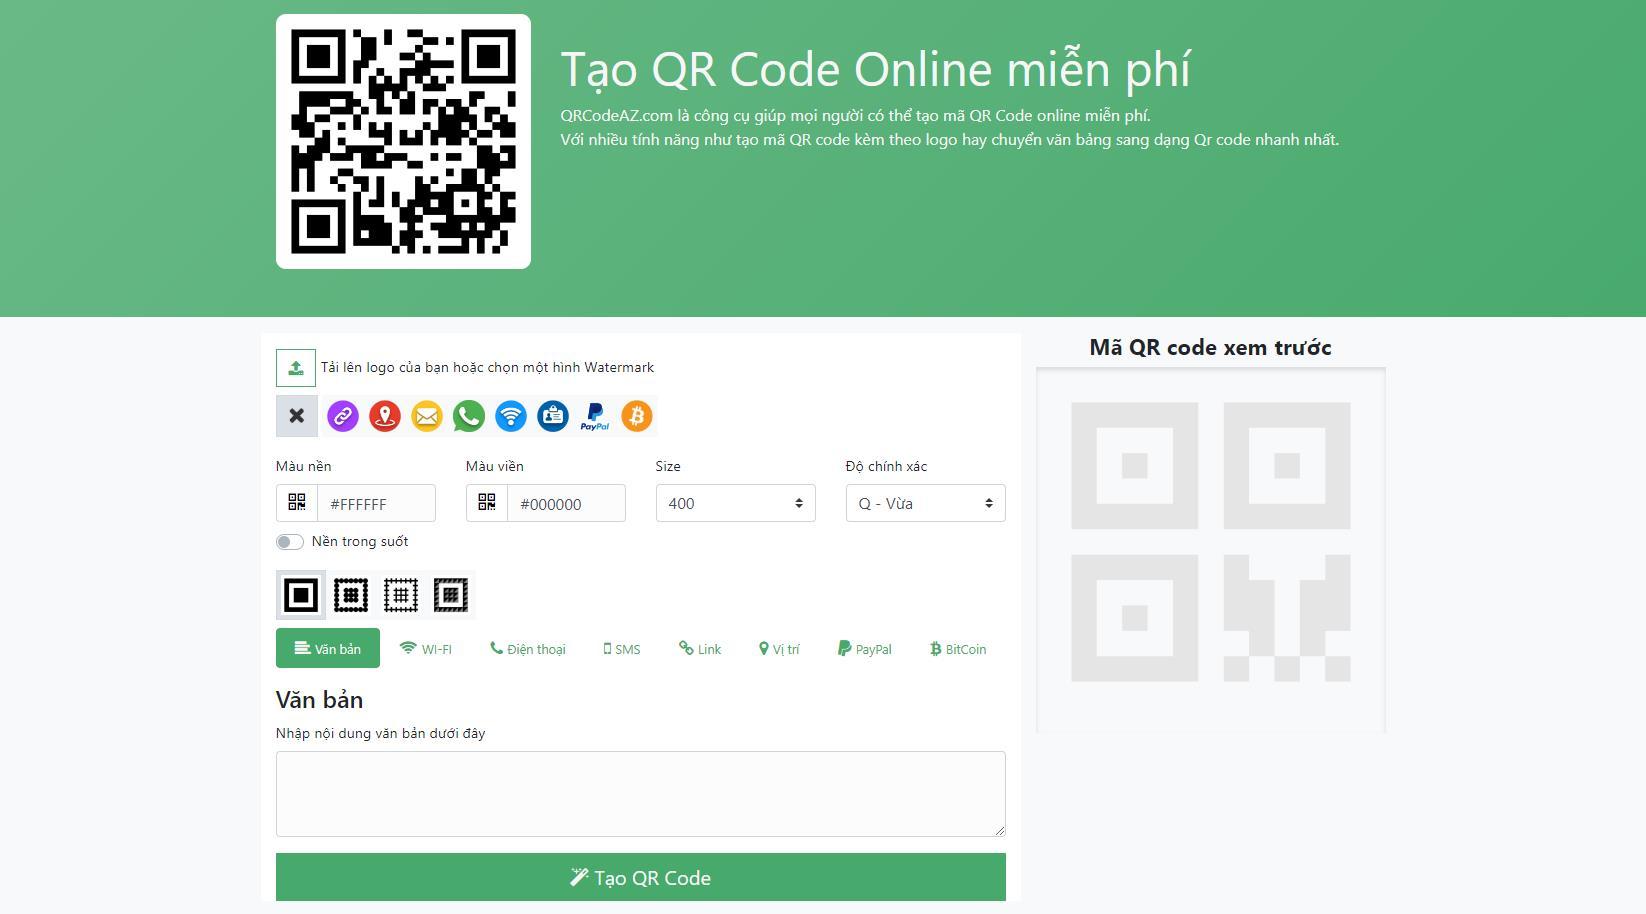 Cách tạo QR Code online miễn phí để thả tính cực đẹp rất đơn giản